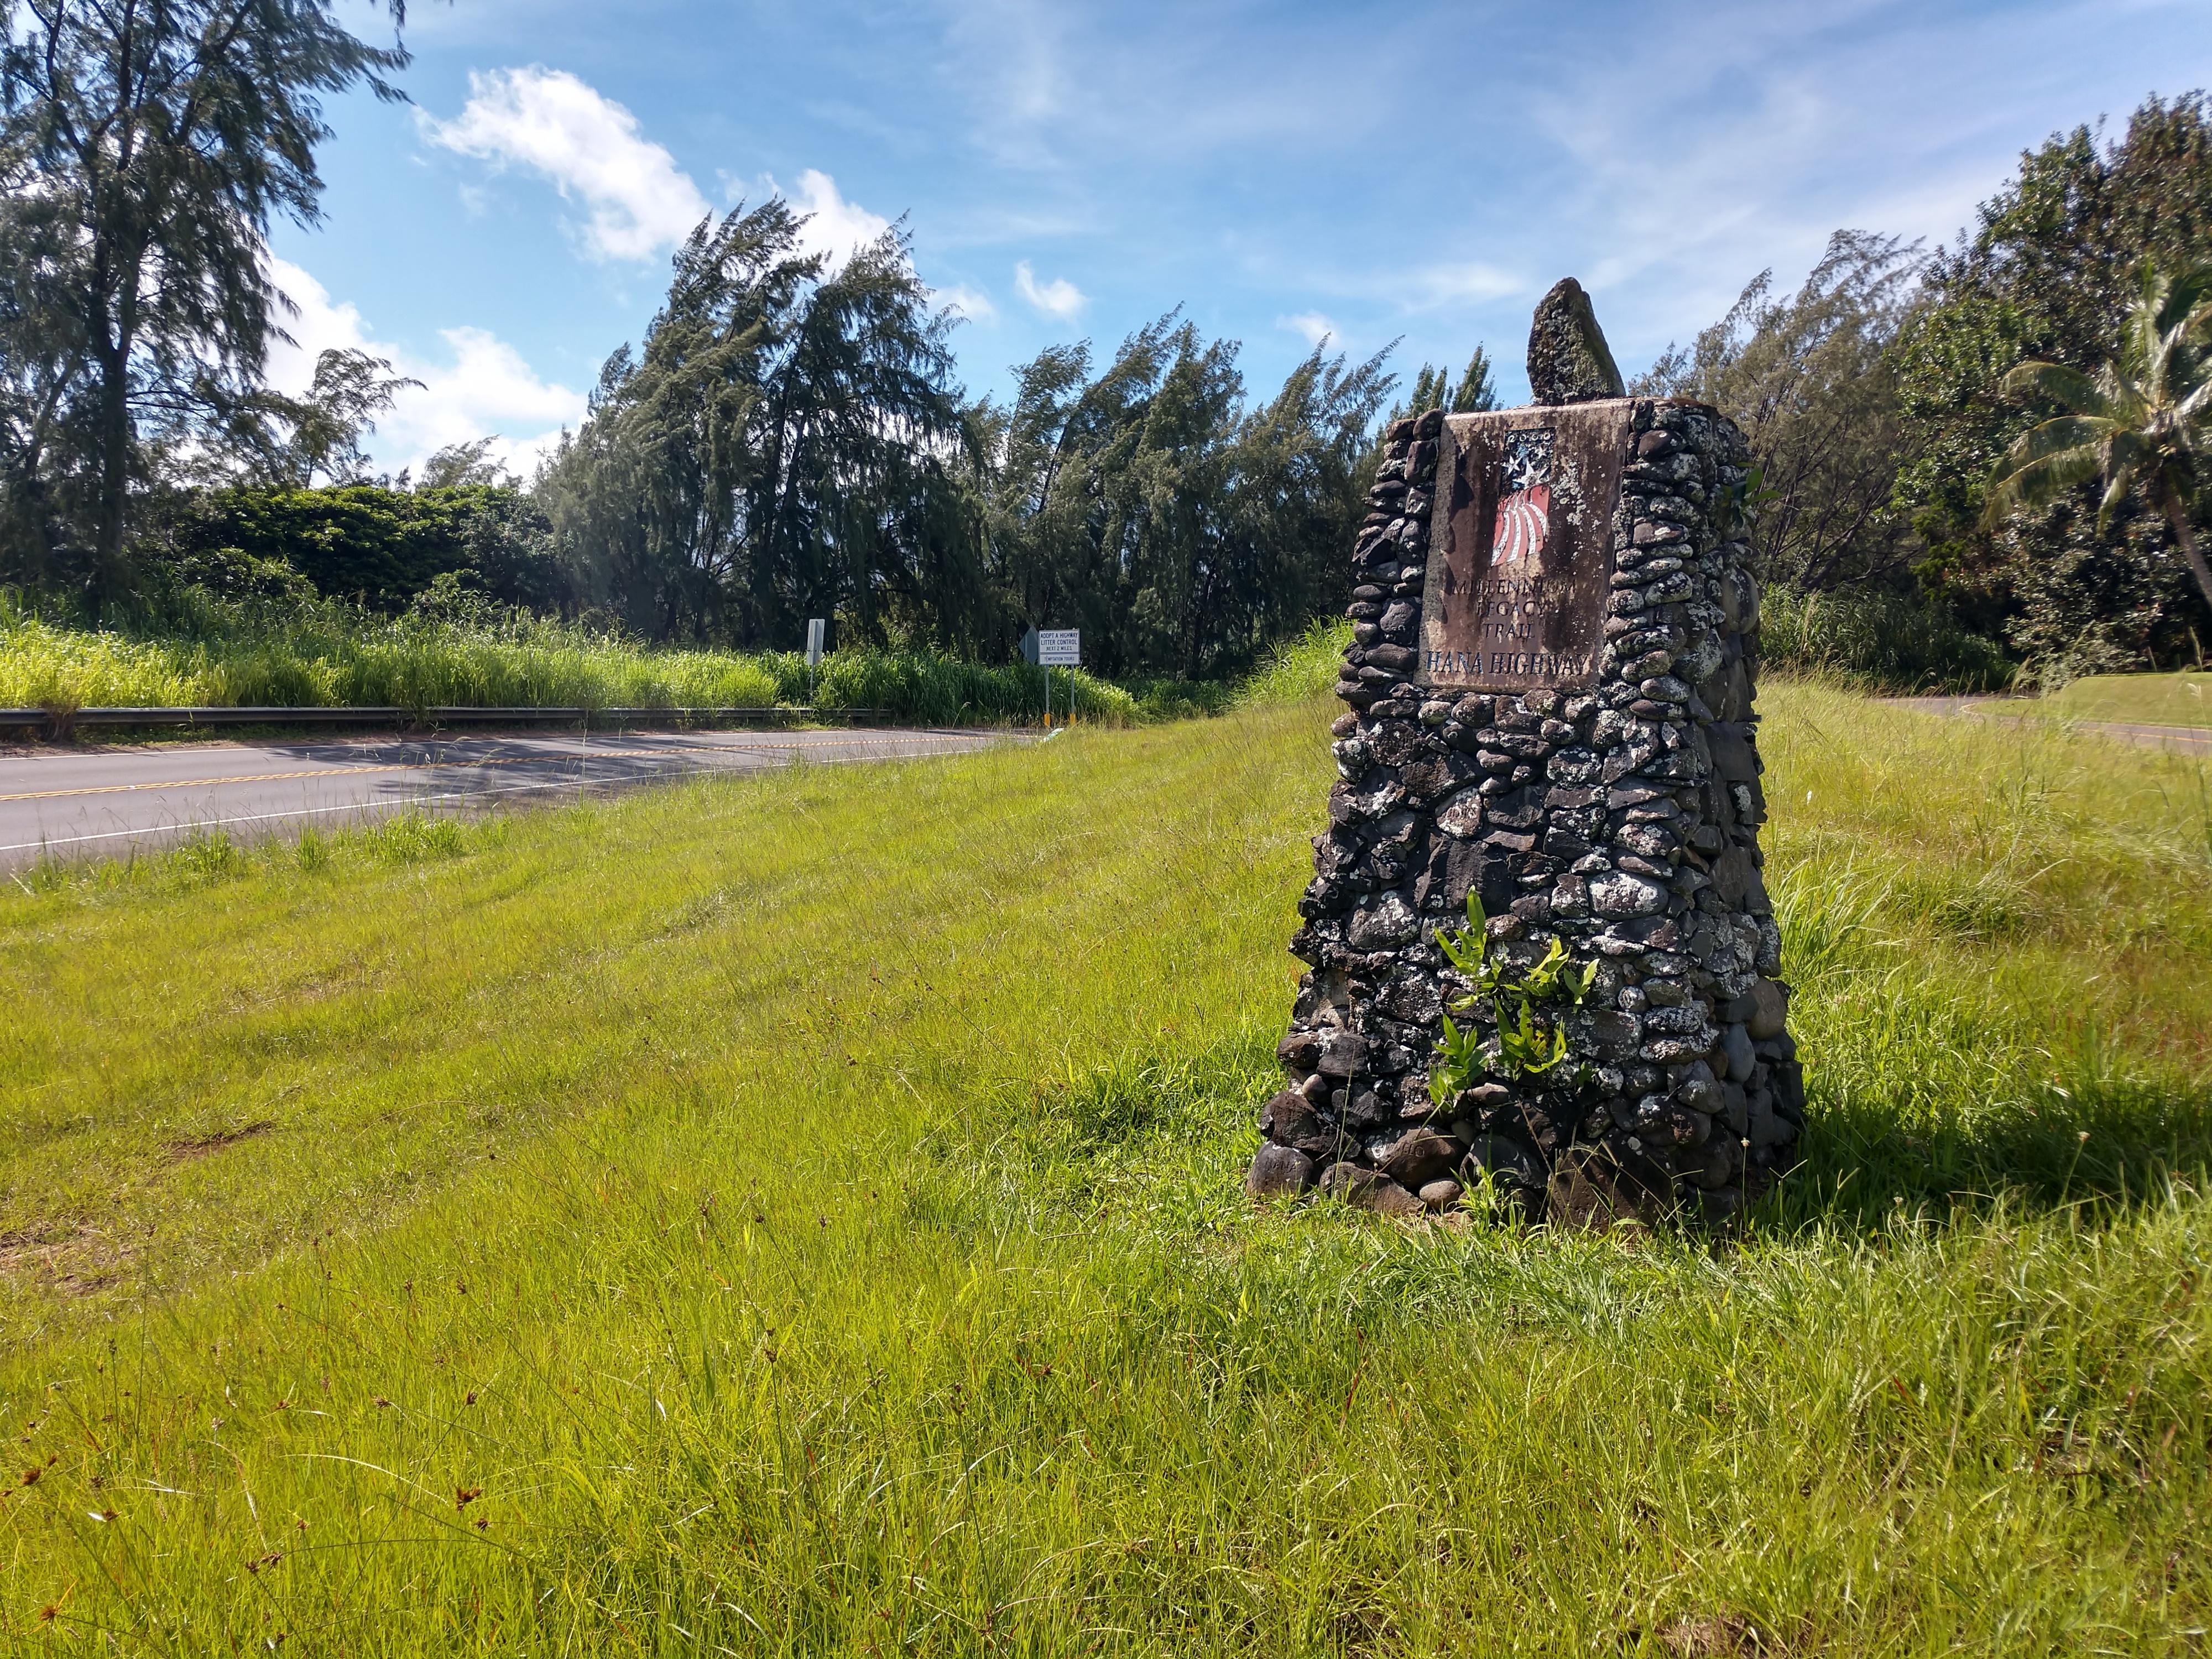 Hana Highway - Wikipedia